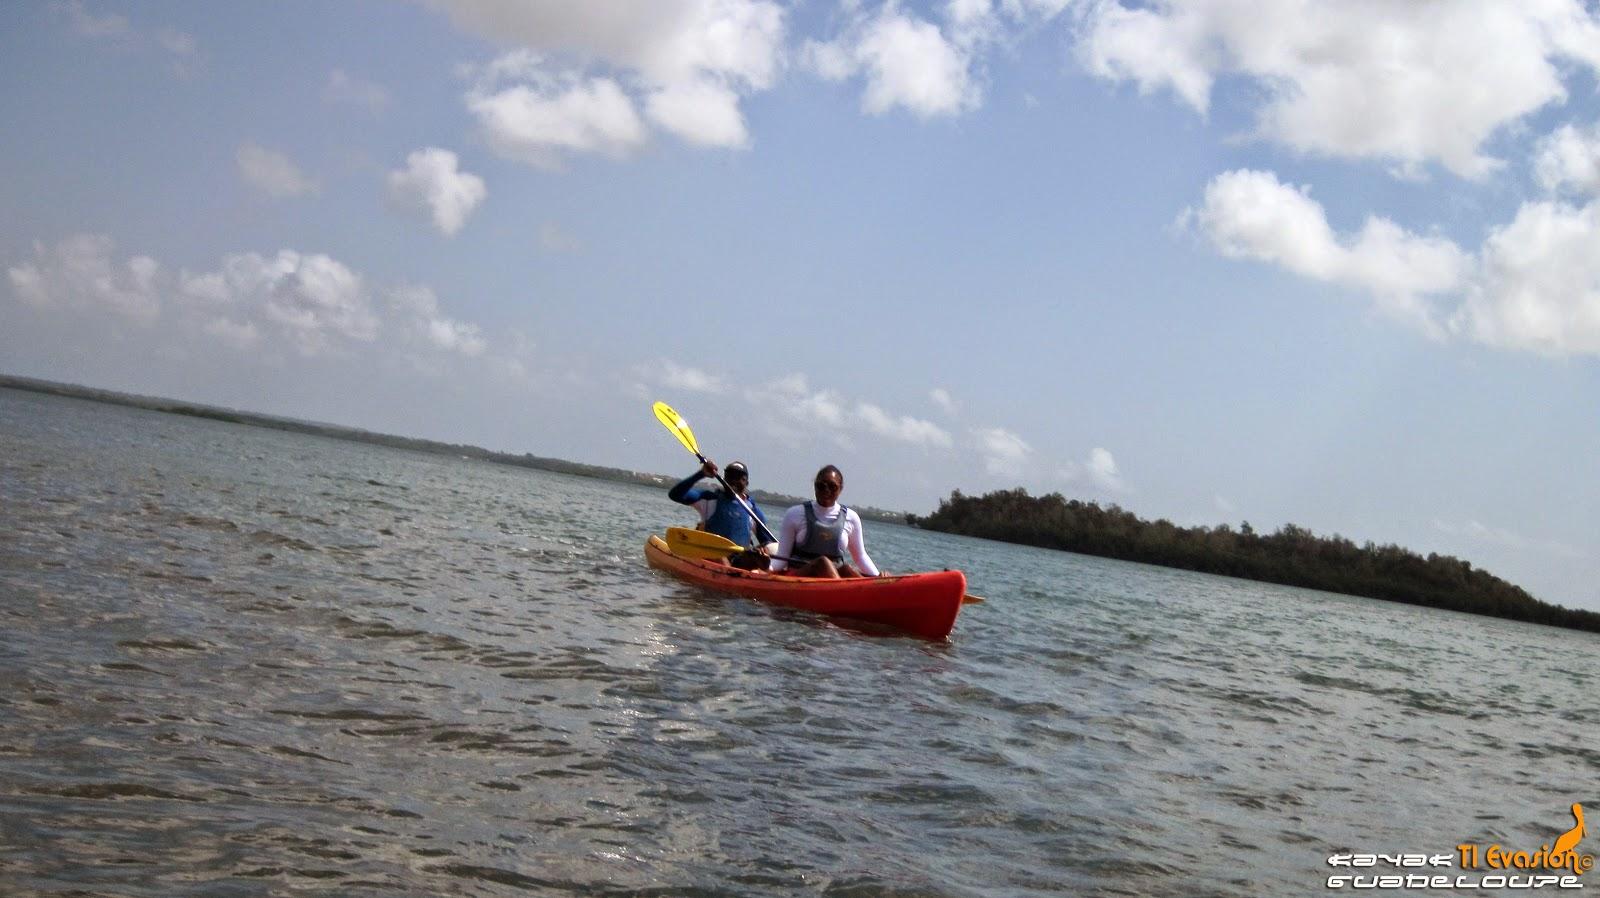 ti-evasion kayak